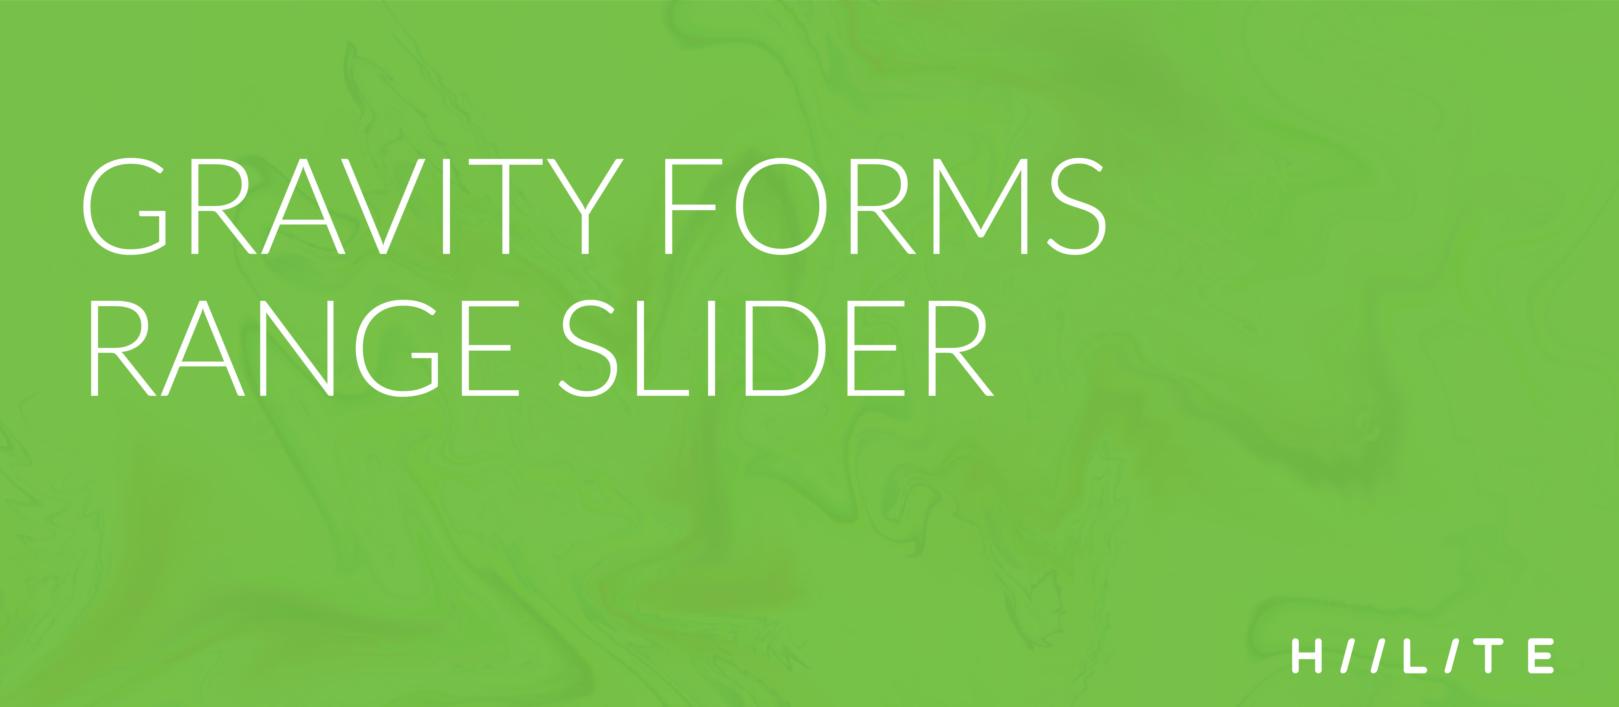 Gravity Forms Range Slider - 1